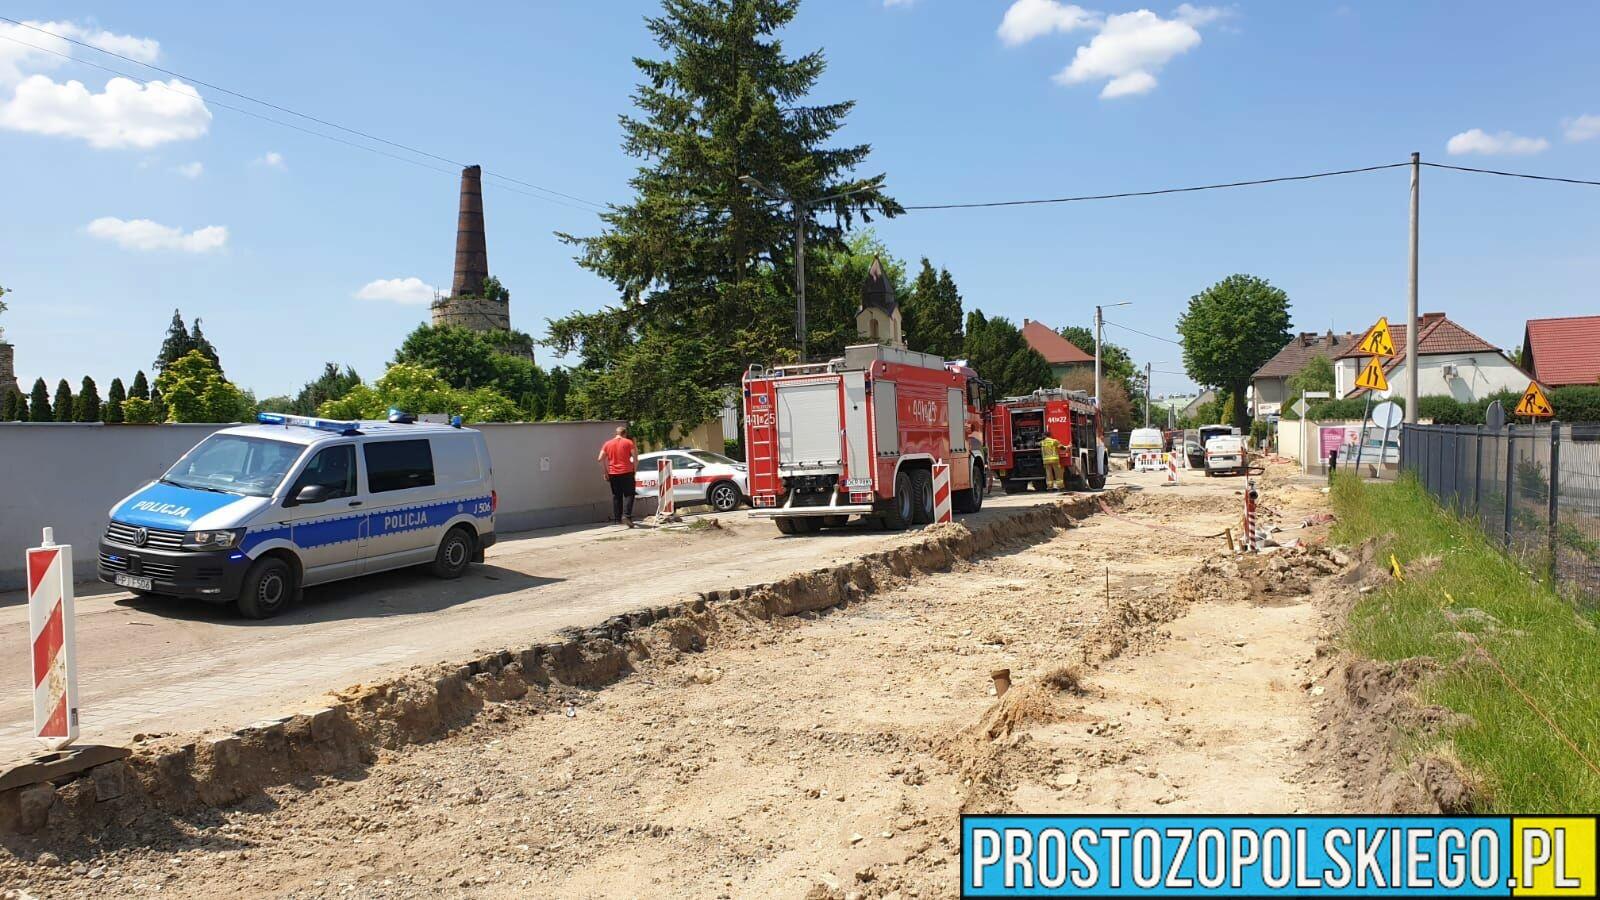 Ewakuacja mieszkańców z powodu wycieku gazu na jednym z osiedli w Krapkowicach.